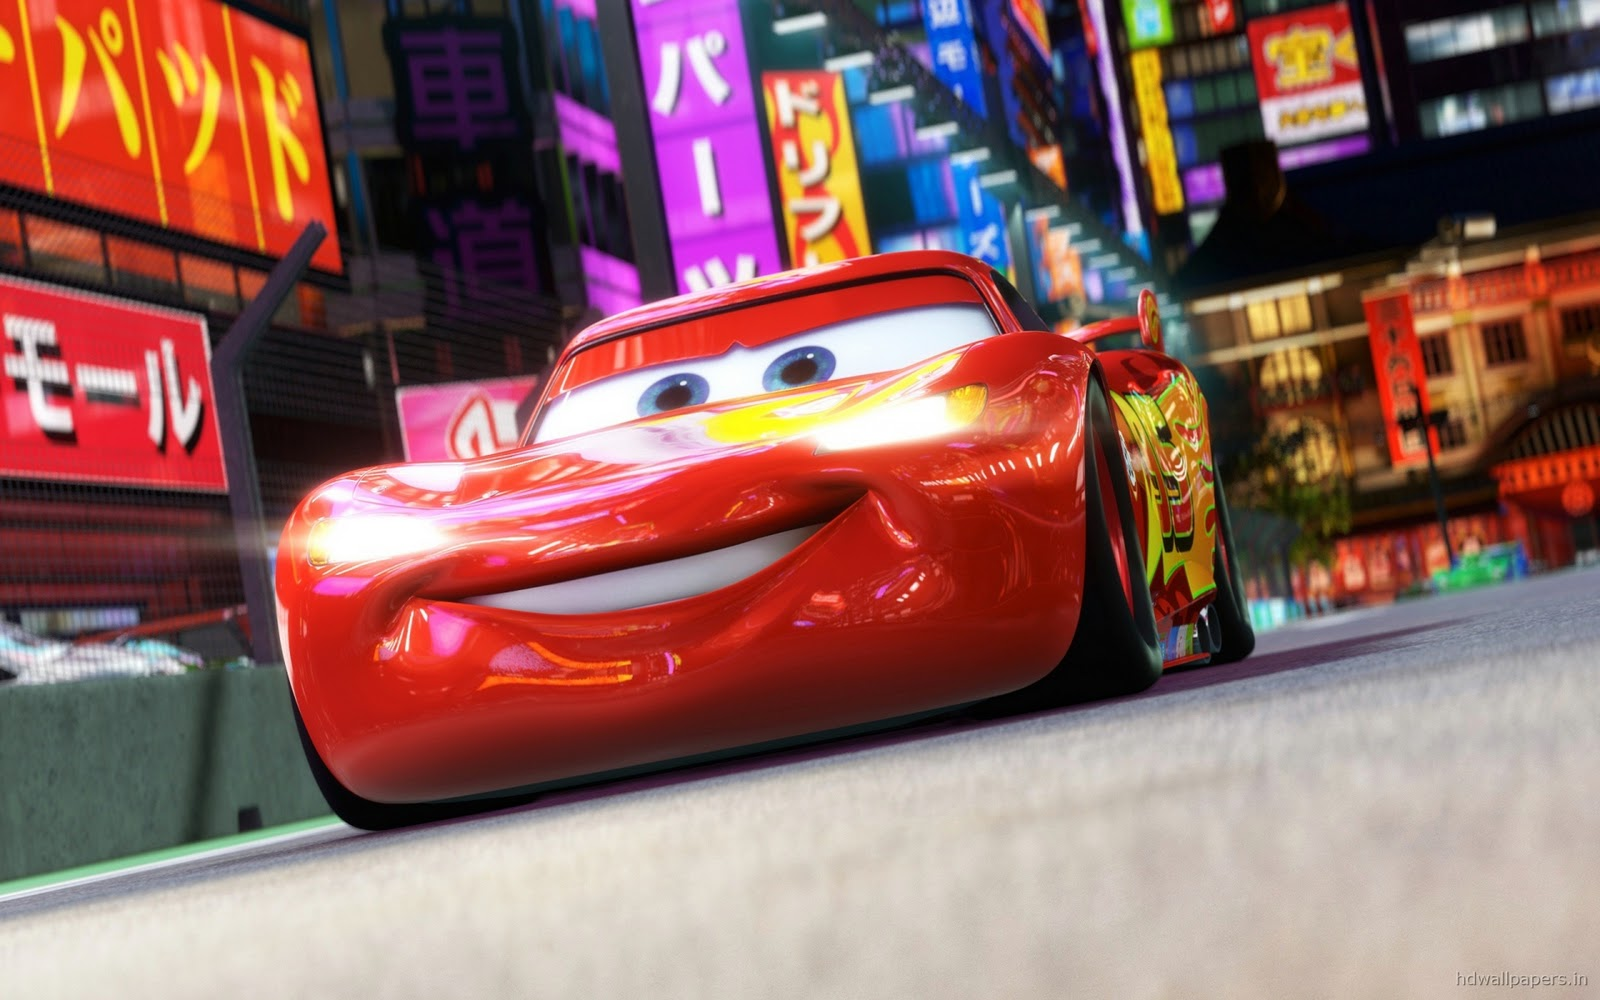 Pixar 39 s cars 2 hd wallpapers hd car wallpapers - Disney cars 3 wallpaper ...